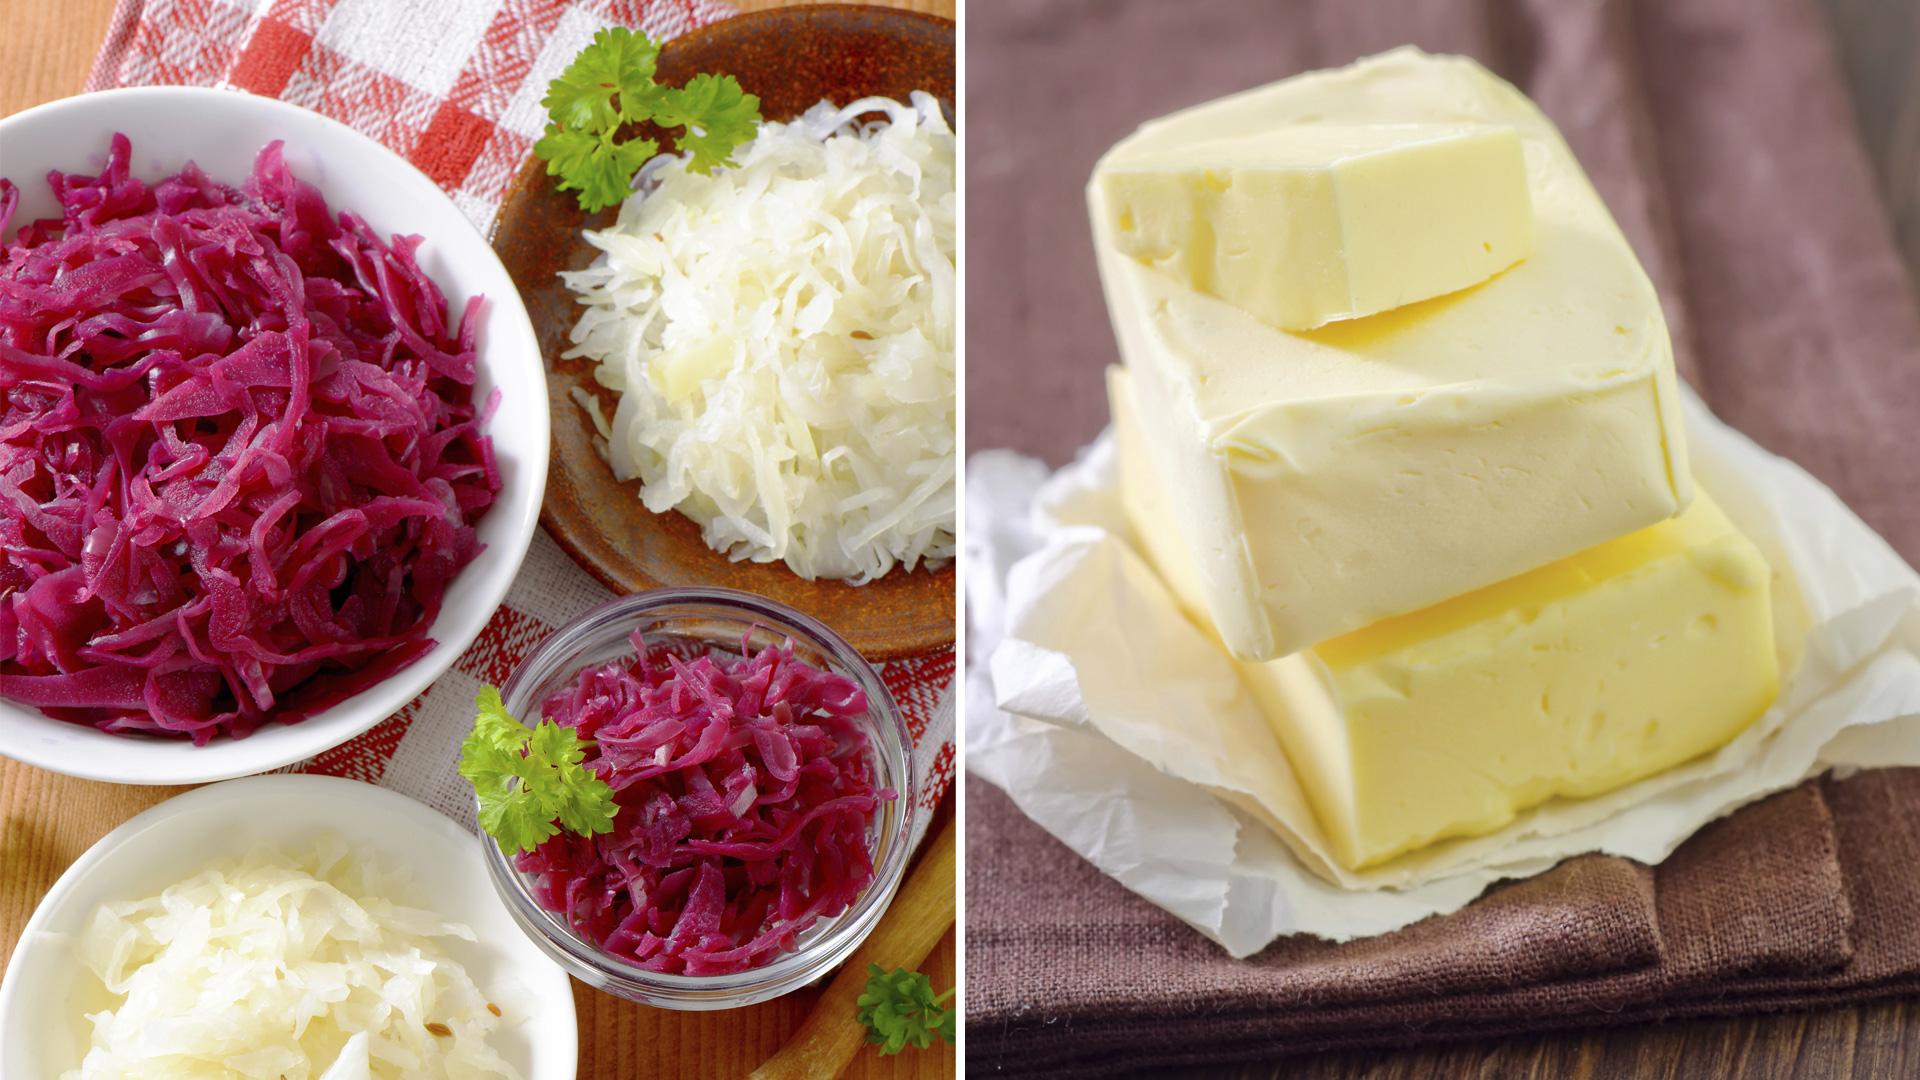 sauerkraut and butter